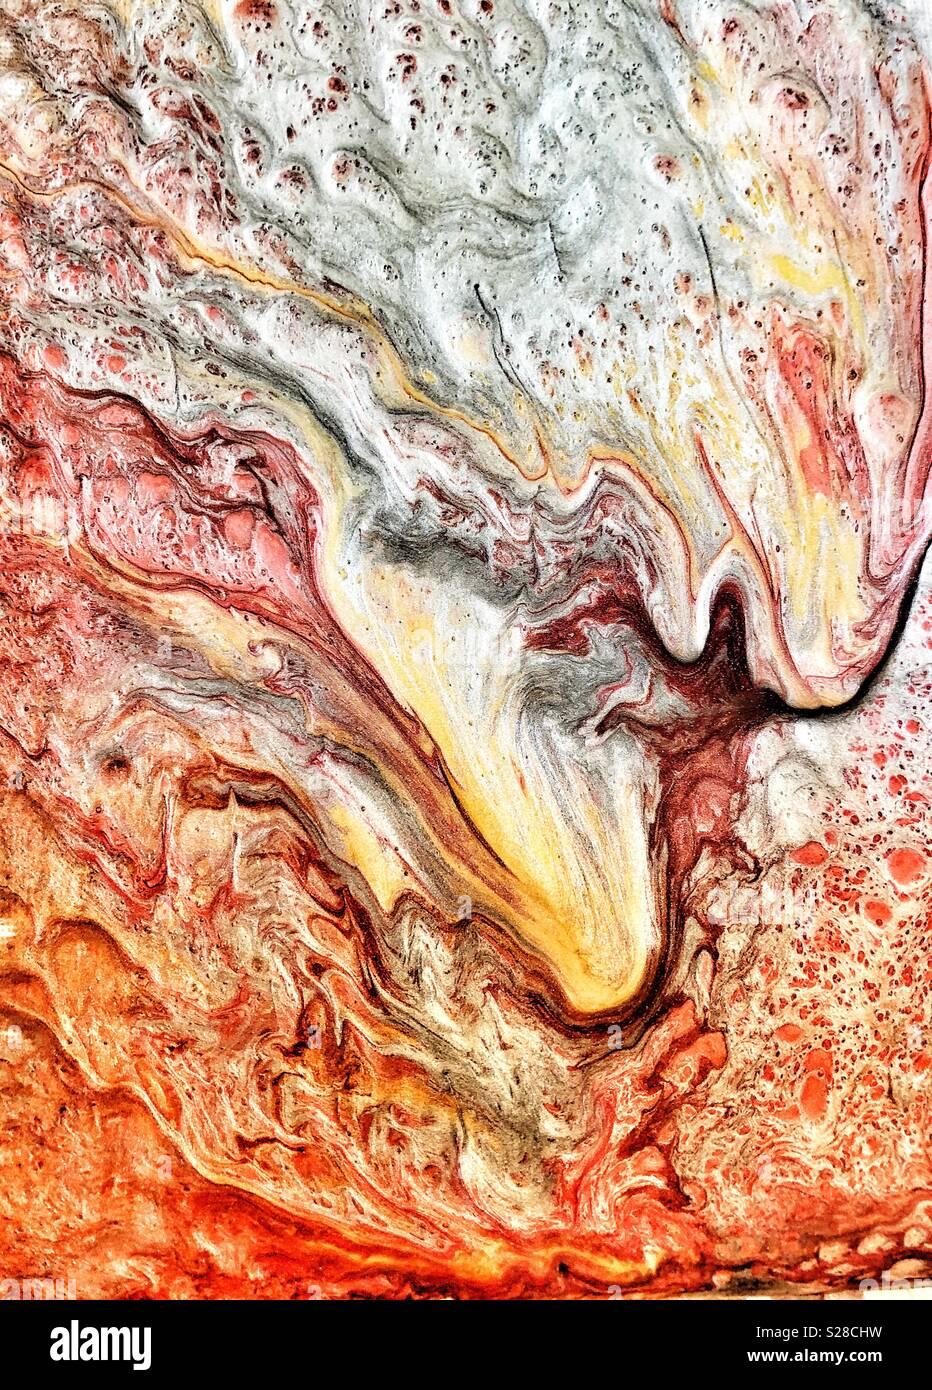 Abstract gorgogliamento di effetto di vernice su tela Immagini Stock